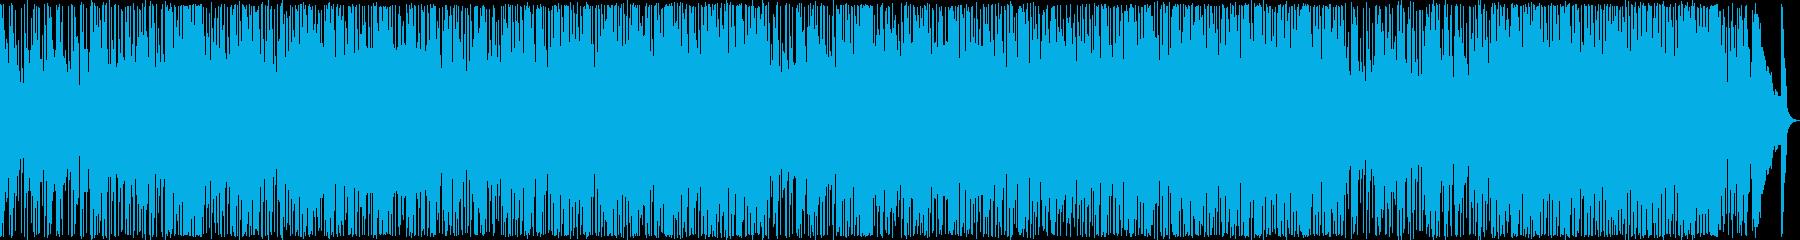 緊張感のある軽快なポップロックの再生済みの波形